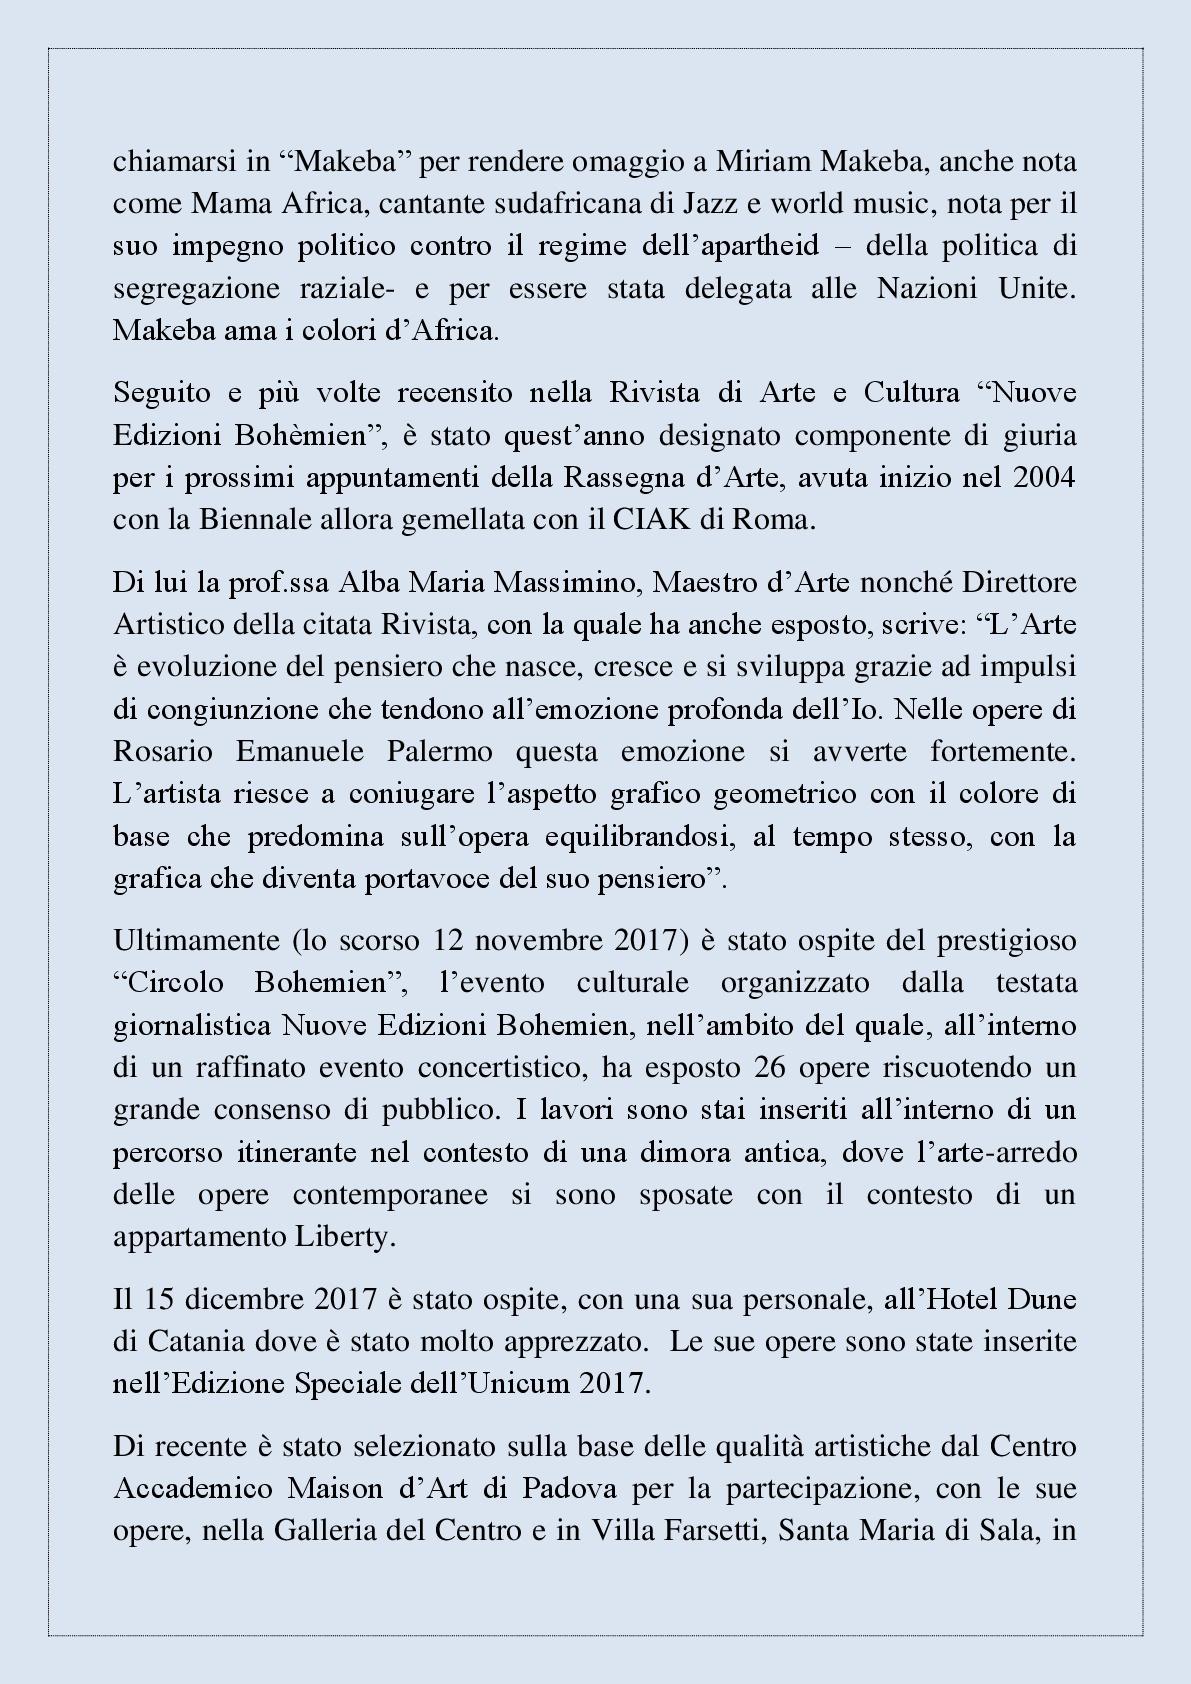 Curriculum-Vitae-di-Rosario-Emanuele-Palermo2-(1)-002